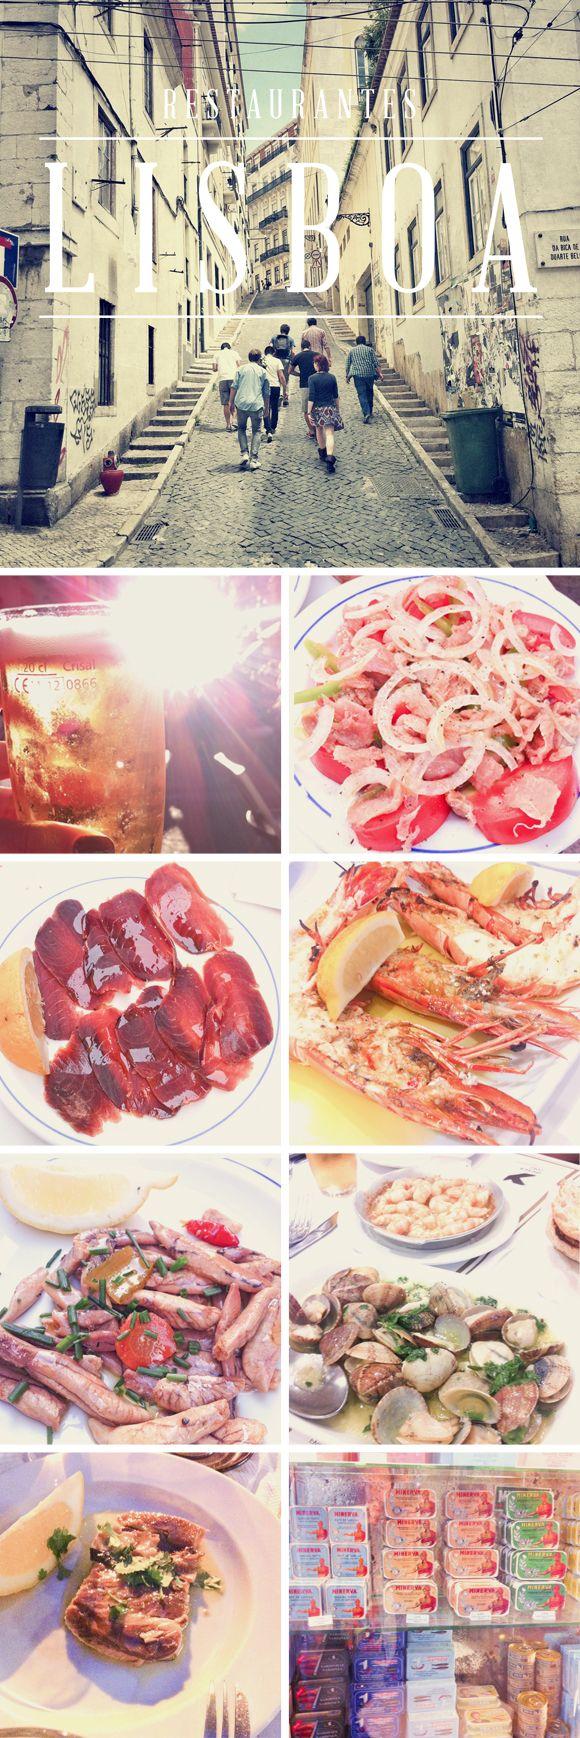 Restaurantes em Lisboa - por Olivia Cho